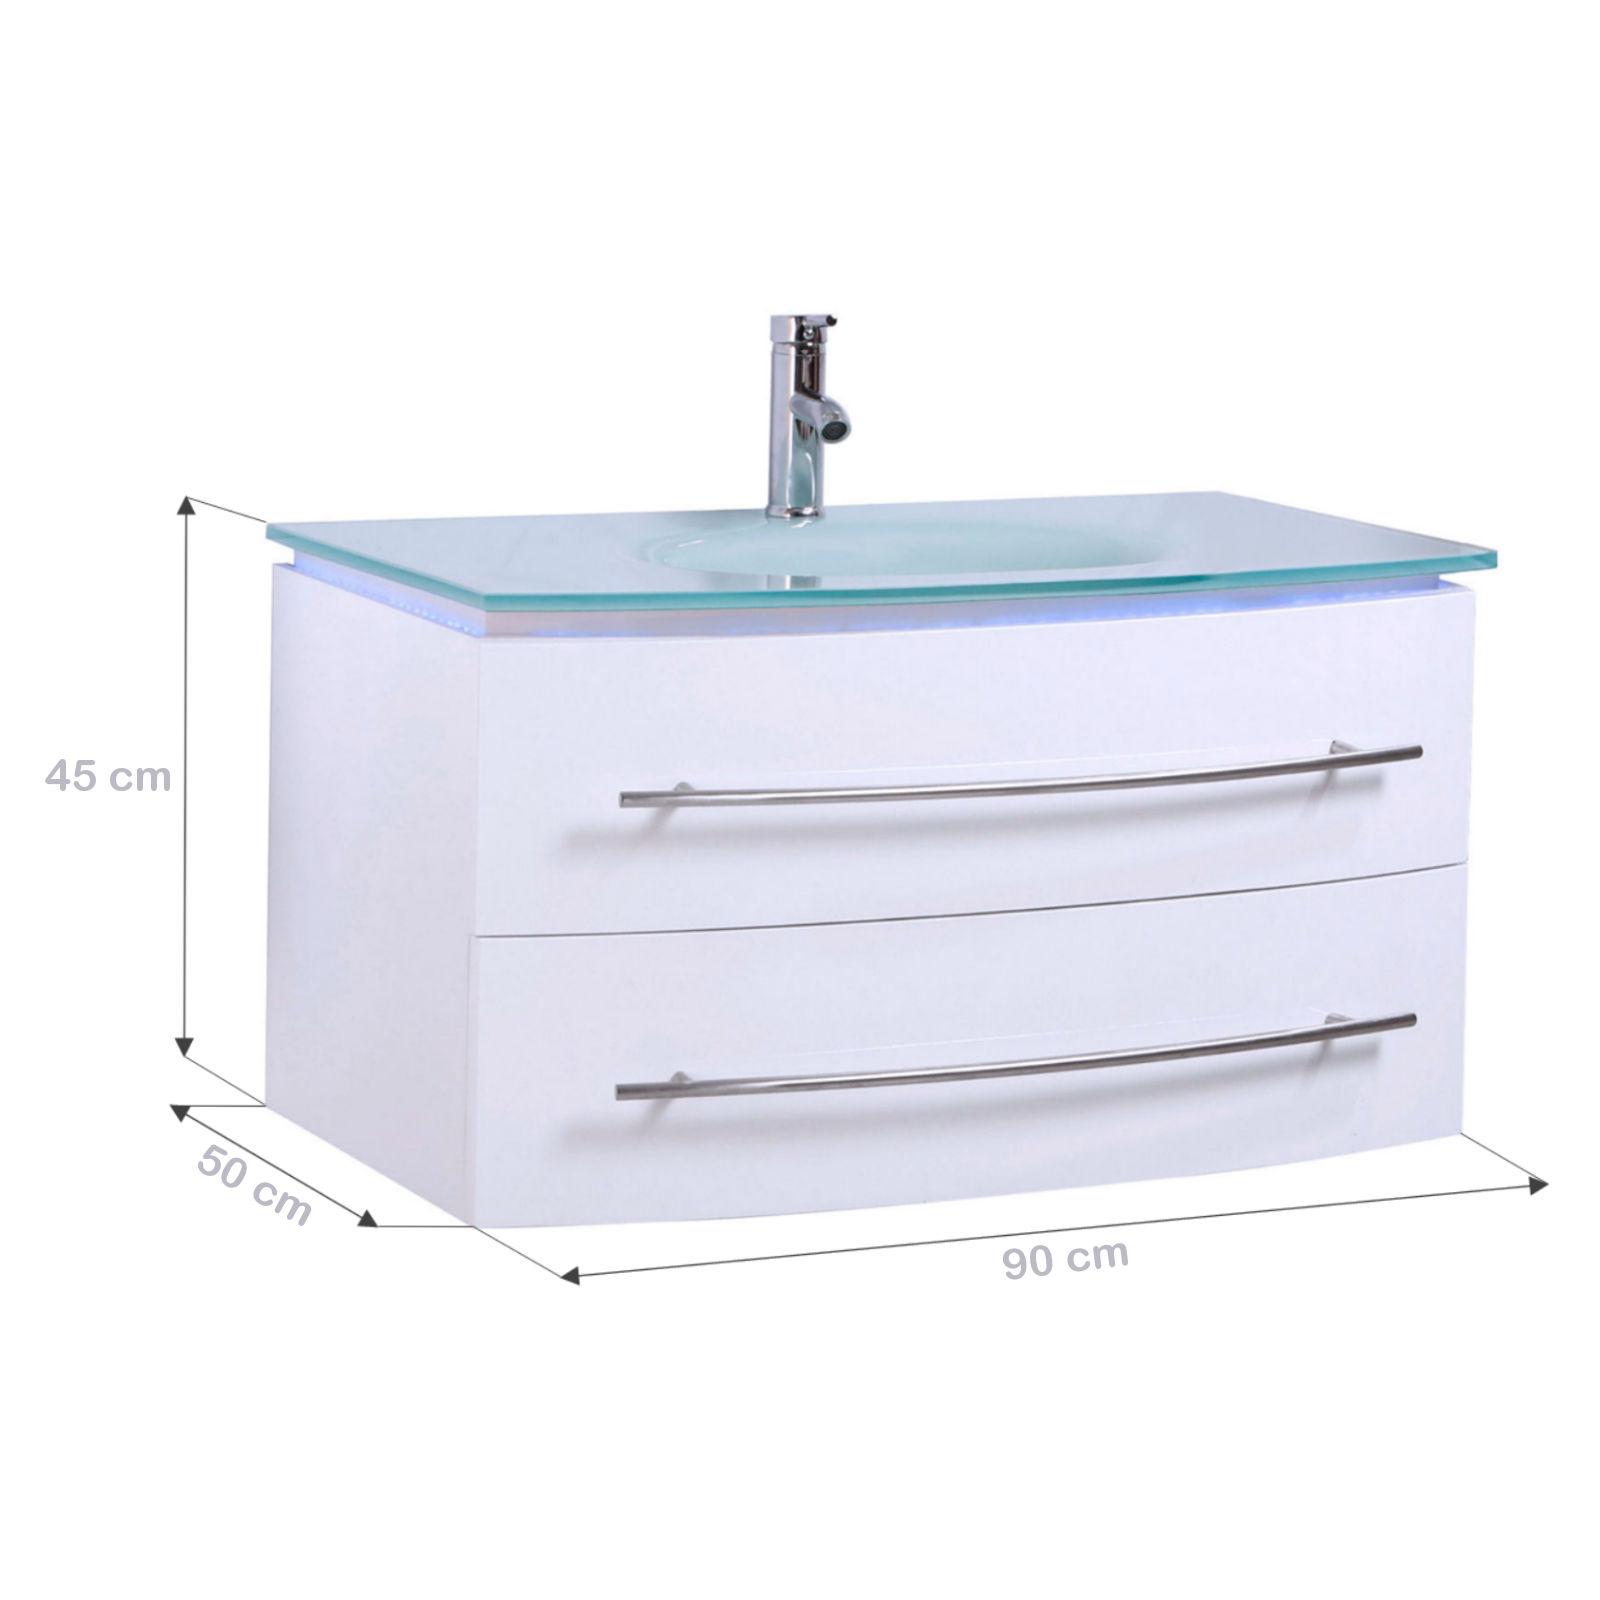 MIDORI© Badezimmermöbel Waschtisch Unterschrank LED Hochglänzend